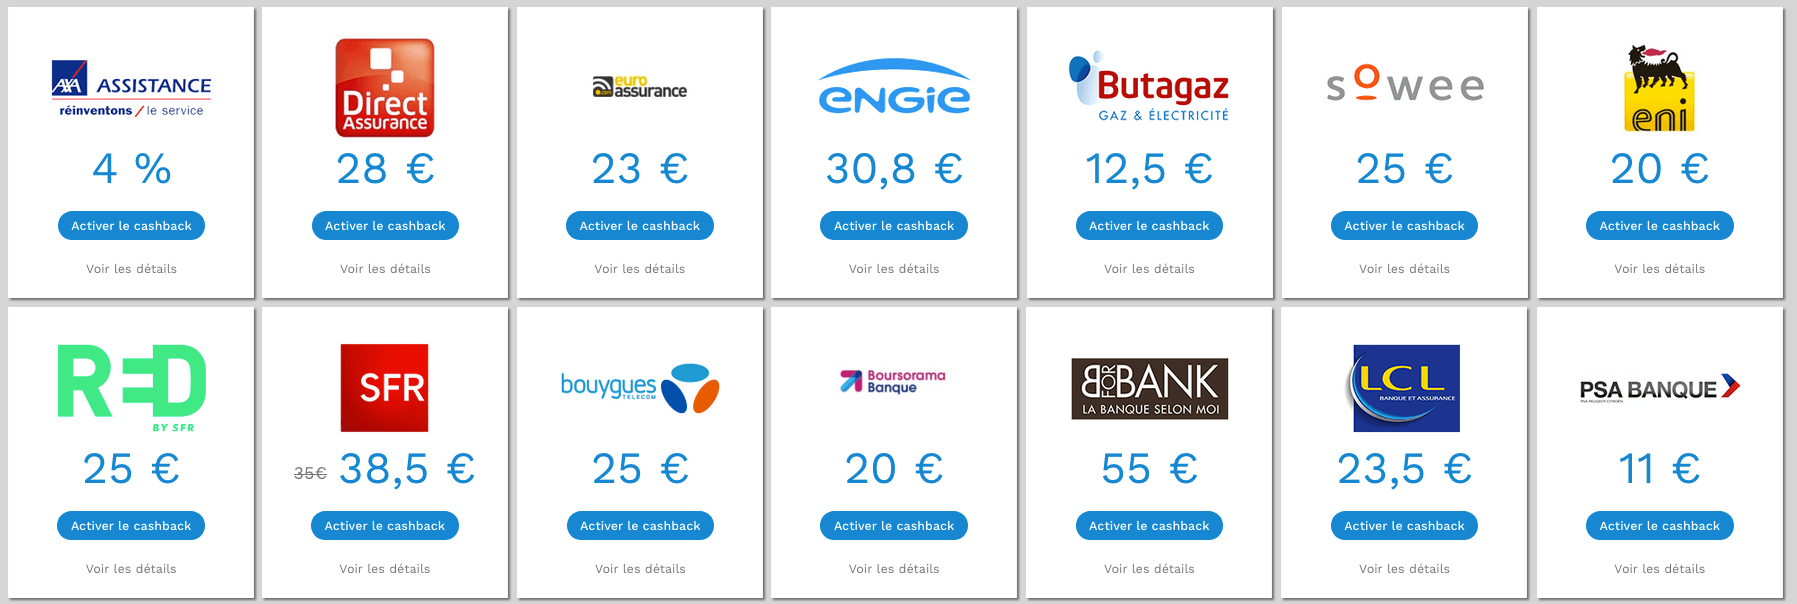 Marchands abonnements énergie banque assurances téléphonie internet Poulpeo